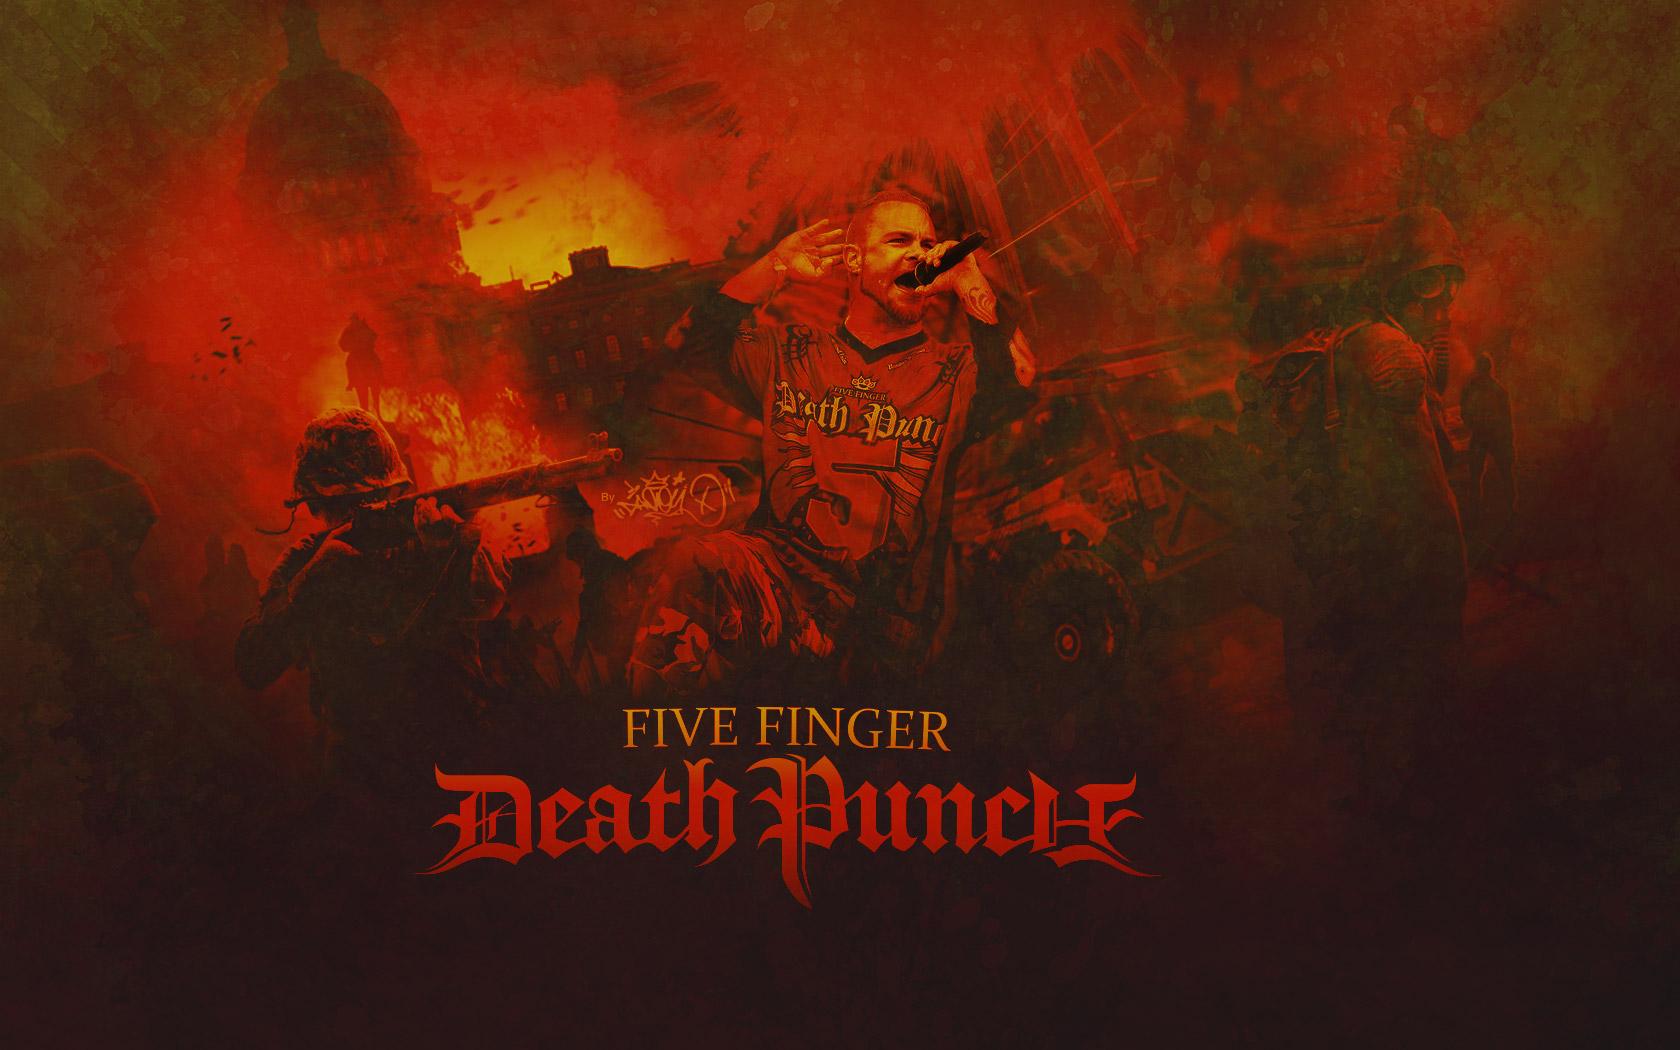 Five Finger Death Punch Heavy Metal Hard Rock Bands Five Finger Death Punch Wallpaper 4k 1680x1050 Download Hd Wallpaper Wallpapertip